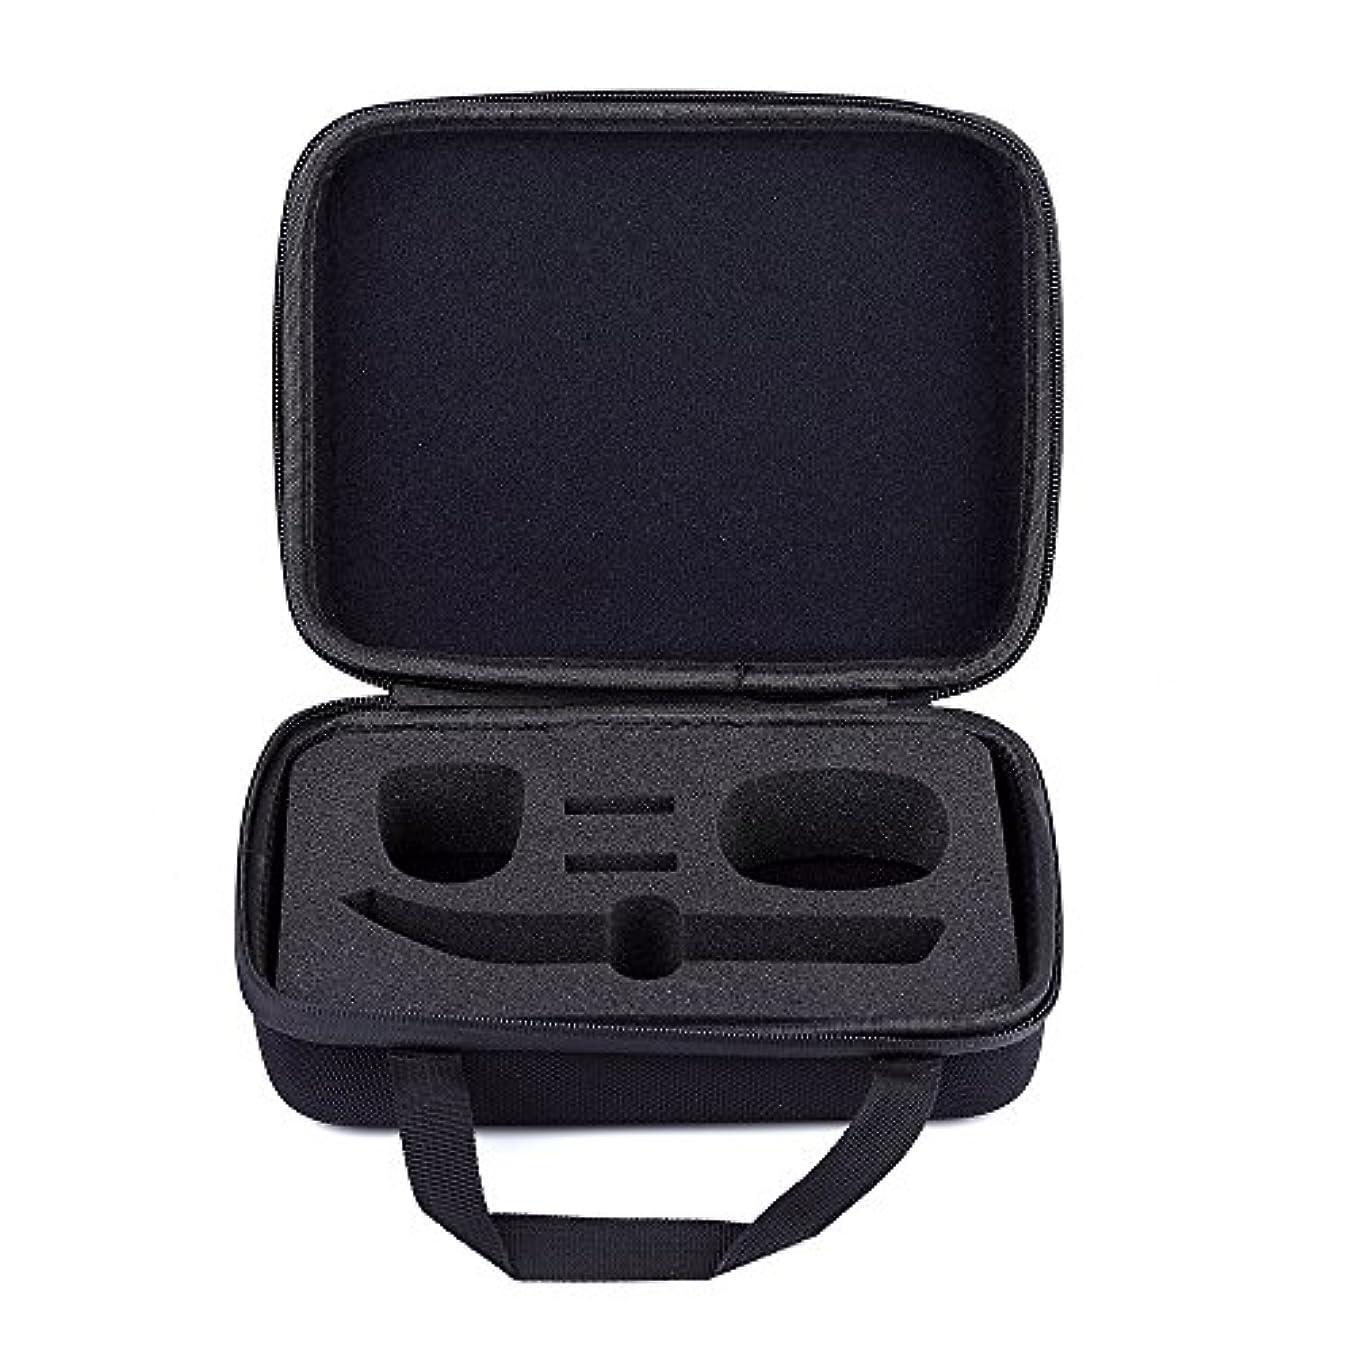 レポートを書く漂流リングレットNrpfell トラベルのハードバッグ、携帯用ケース、Norelco Oneblade Pro用、転倒防止、防水、実用的なPhilipsシェーバー用の収納ボックス